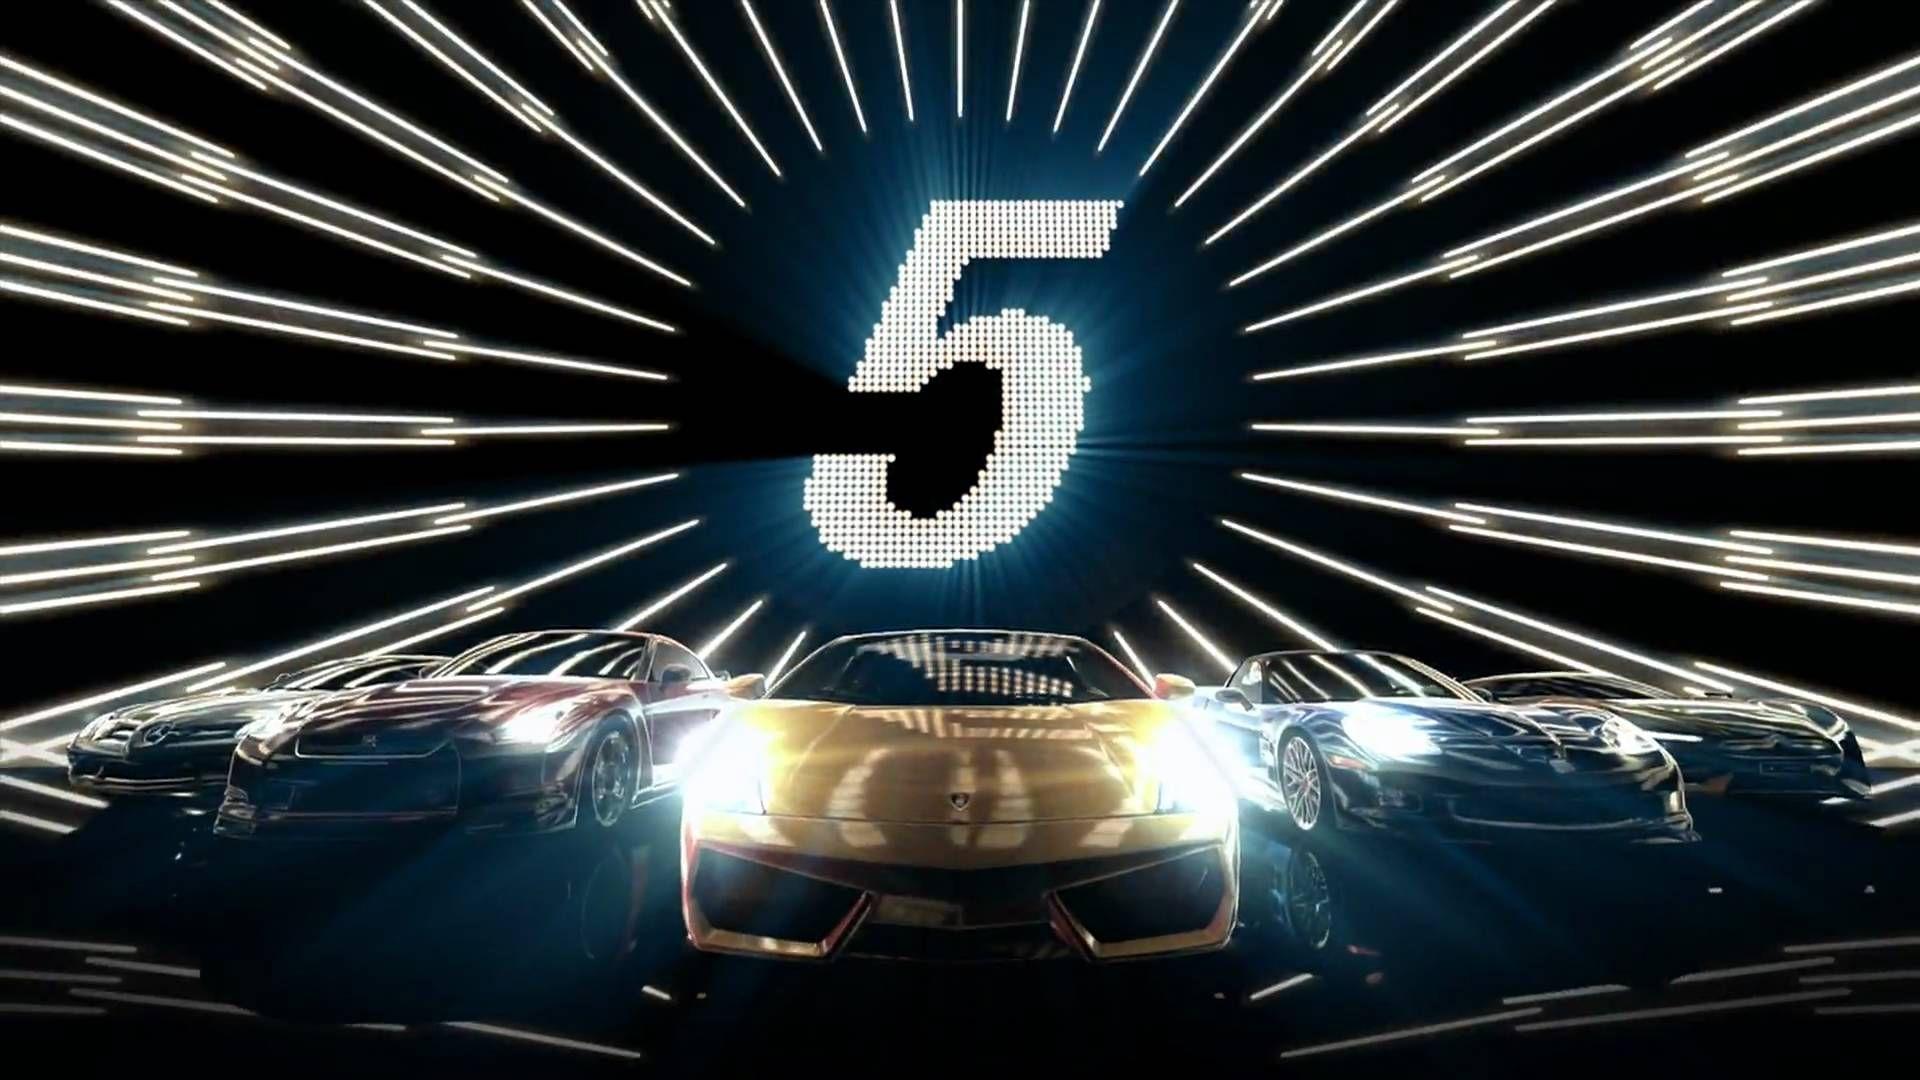 Gran Turismo 5 Night Racing Trailer Free Classified Ads Racing